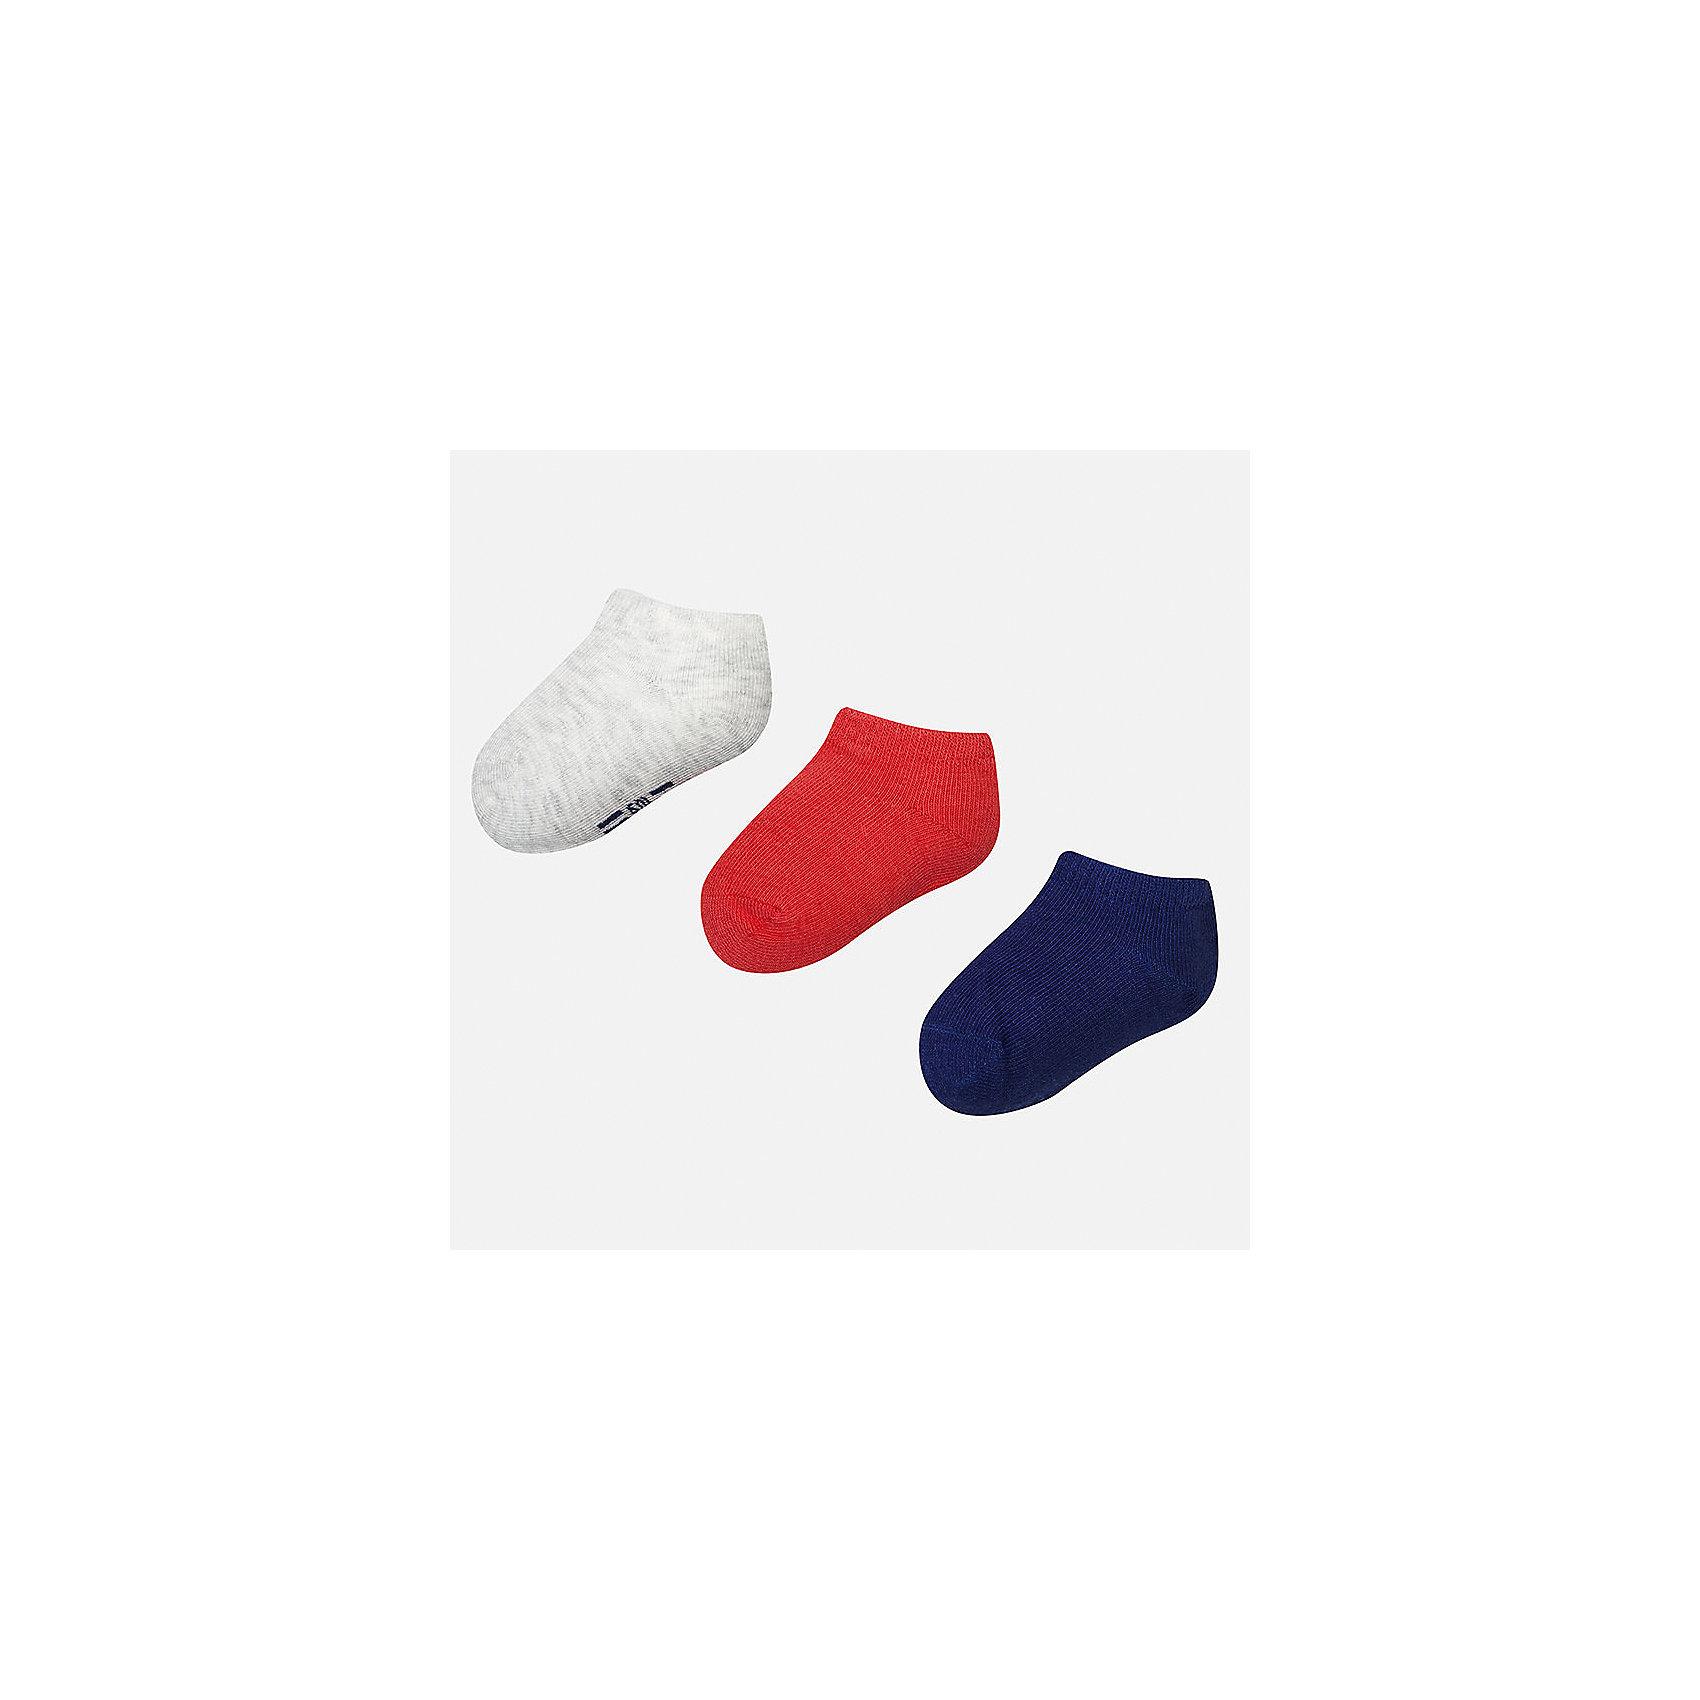 Носки (3 пары) для мальчика MayoralНоски<br>Характеристики товара:<br><br>• цвет: серый/красный/синий<br>• состав: 72% хлопок, 25% полиамид, 3% эластан<br>• комплектация: три пары<br>• мягкая резинка<br>• эластичный материал<br>• однотонные<br>• страна бренда: Испания<br><br>Удобные симпатичные носки для мальчика помогут обеспечить ребенку комфорт и дополнить наряд. Универсальный цвет позволяет надевать их под обувь разных расцветок. Носки удобно сидят на ноге и аккуратно смотрятся. Этот комплект - практичный и красивый! В составе материала - натуральный хлопок, гипоаллергенный, приятный на ощупь, дышащий. <br><br>Одежда, обувь и аксессуары от испанского бренда Mayoral полюбились детям и взрослым по всему миру. Модели этой марки - стильные и удобные. Для их производства используются только безопасные, качественные материалы и фурнитура. Порадуйте ребенка модными и красивыми вещами от Mayoral! <br><br>Носки (3 пары) для мальчика от испанского бренда Mayoral (Майорал) можно купить в нашем интернет-магазине.<br><br>Ширина мм: 87<br>Глубина мм: 10<br>Высота мм: 105<br>Вес г: 115<br>Цвет: серый<br>Возраст от месяцев: 12<br>Возраст до месяцев: 24<br>Пол: Мужской<br>Возраст: Детский<br>Размер: 1,2<br>SKU: 5294241